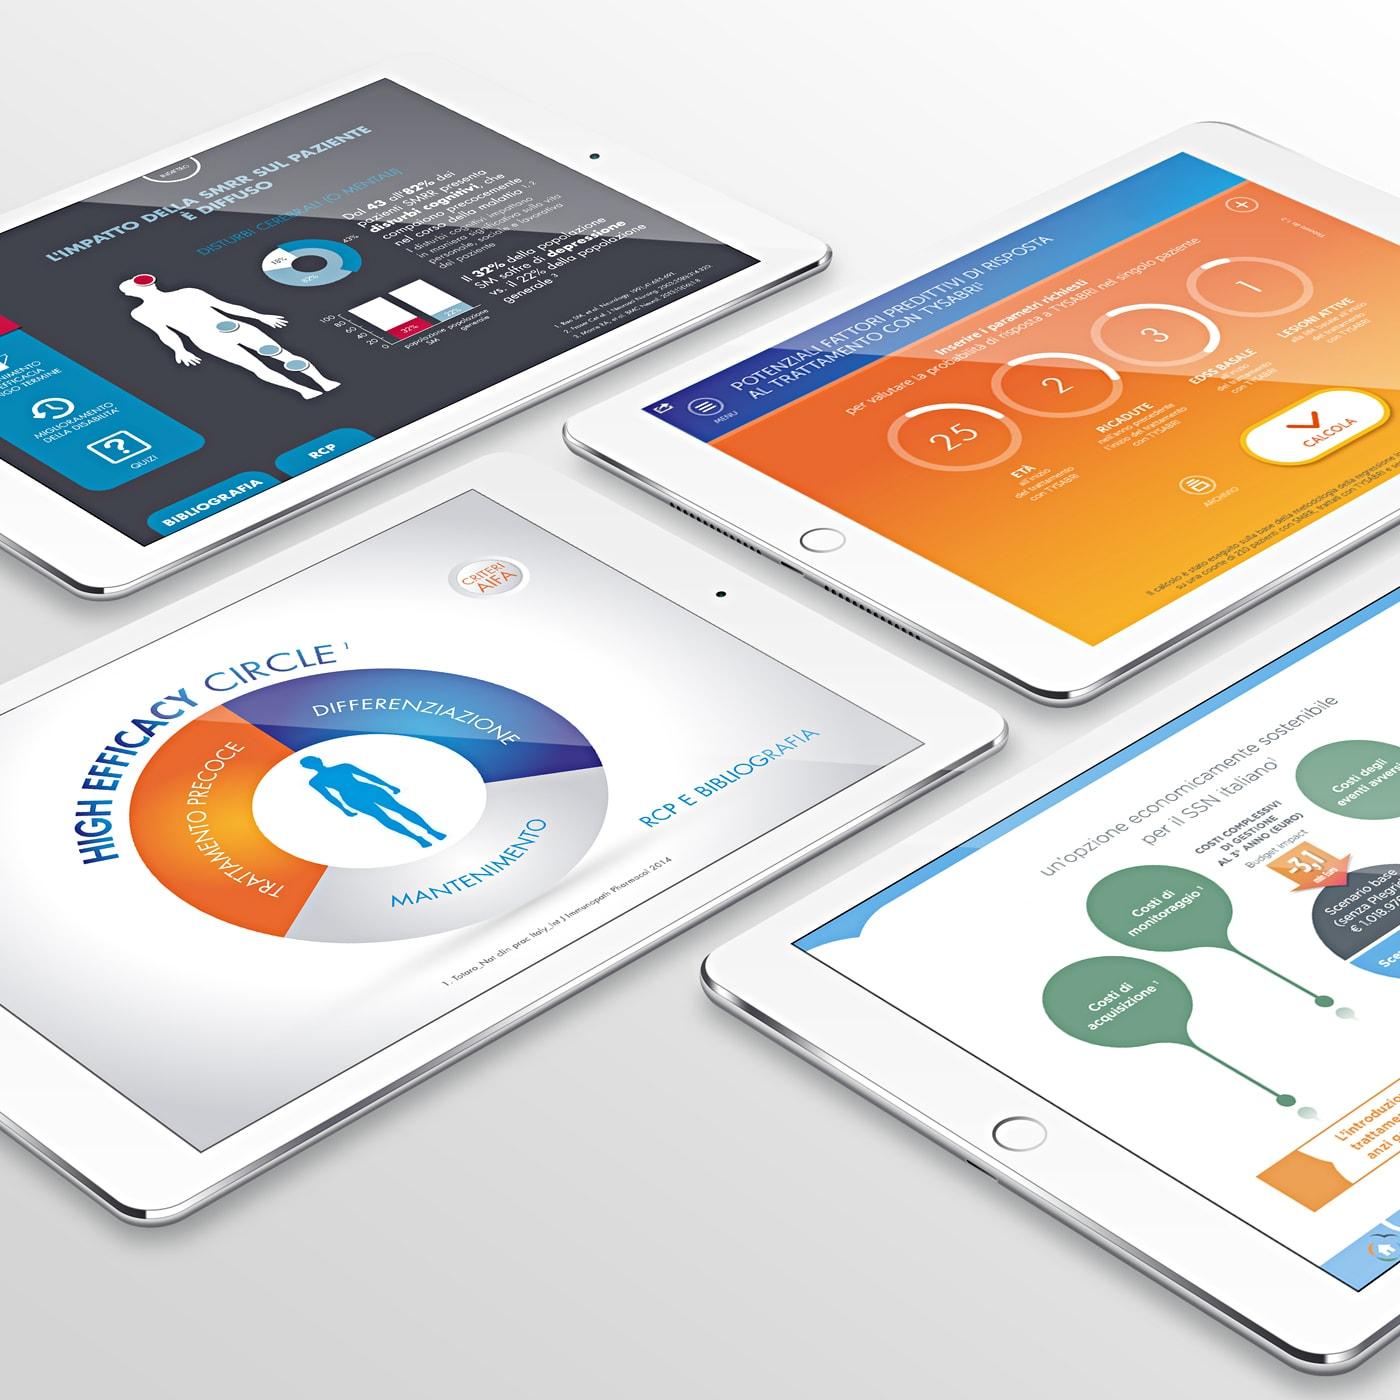 iPad e-Detailing